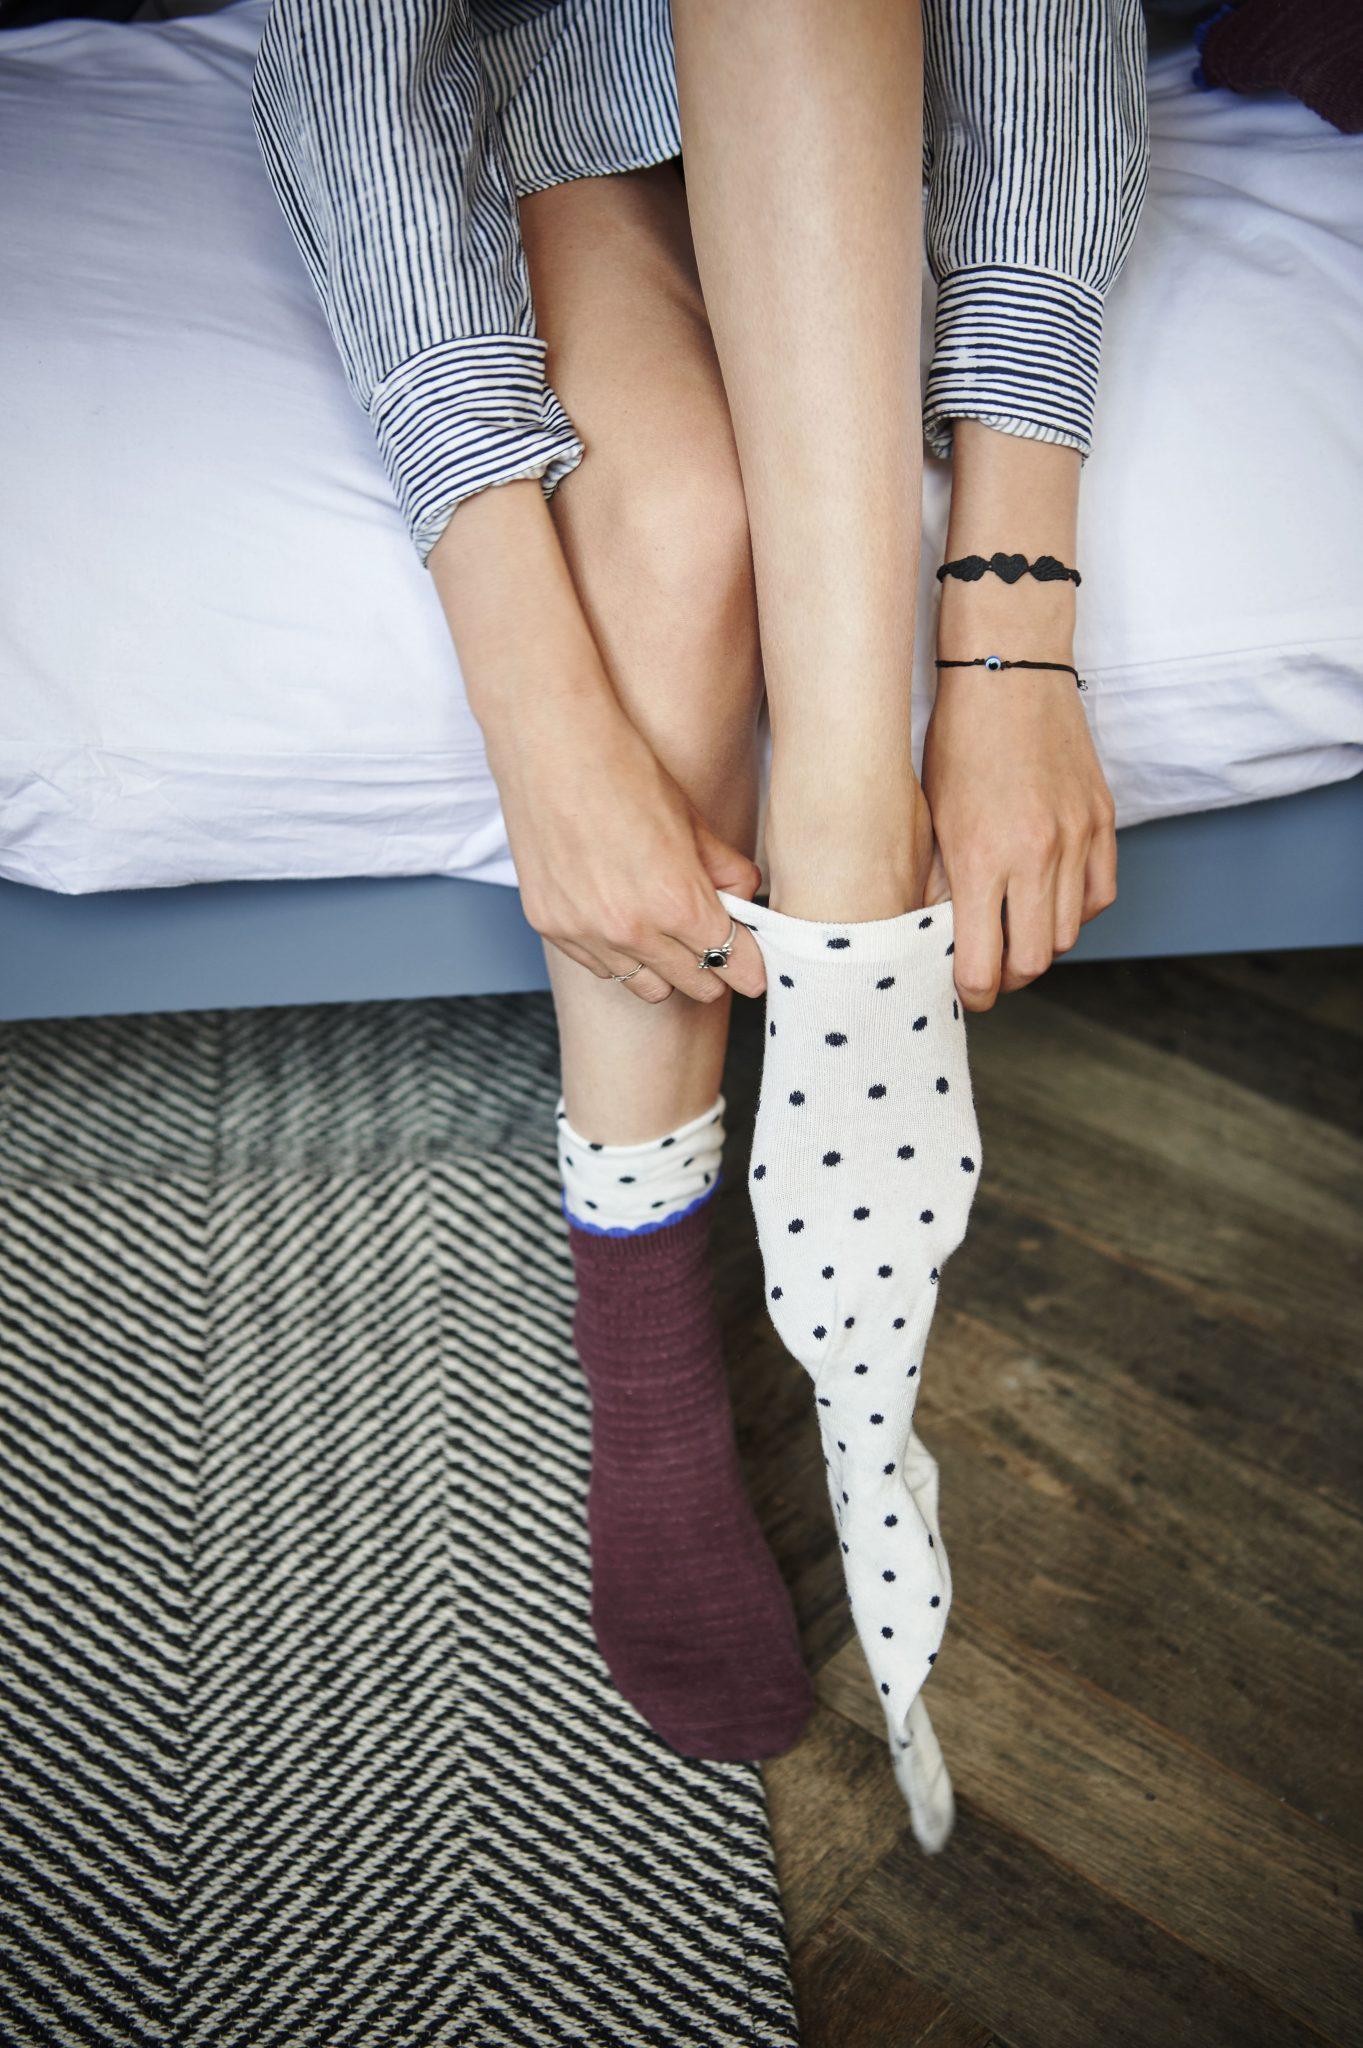 Socken im Bett anziehen